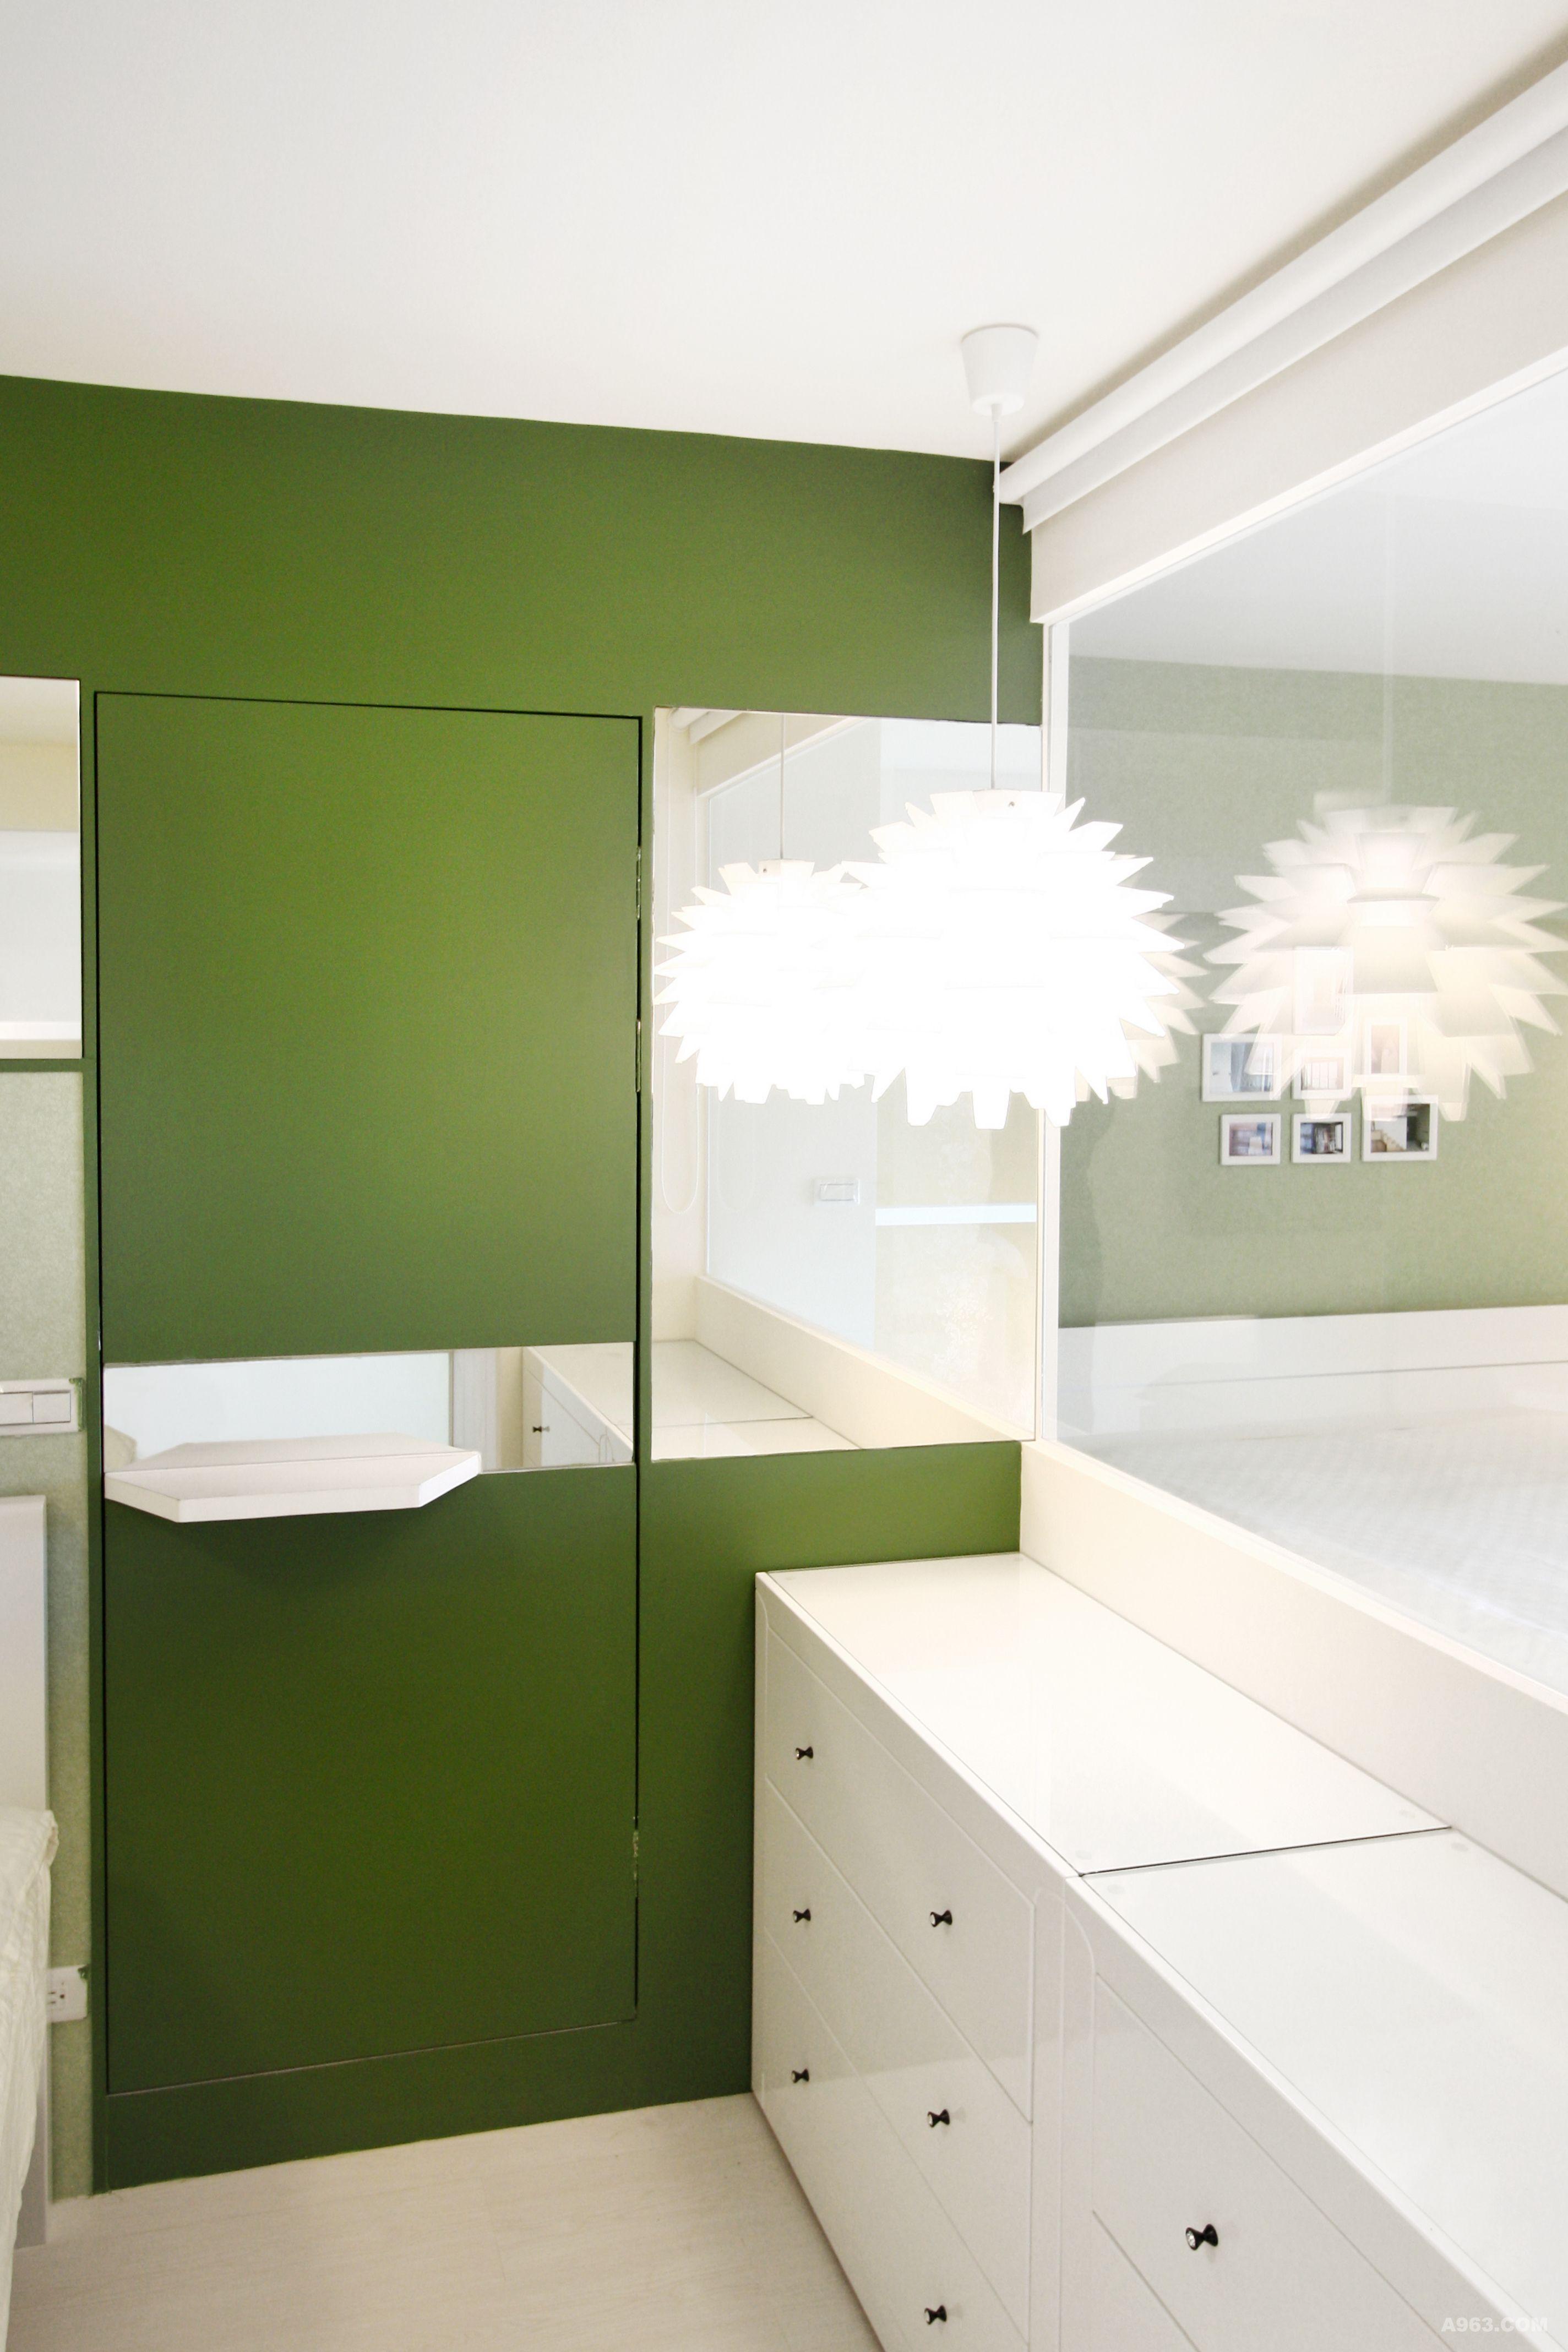 延續綠色主題的壁紙到二樓臥室空間.